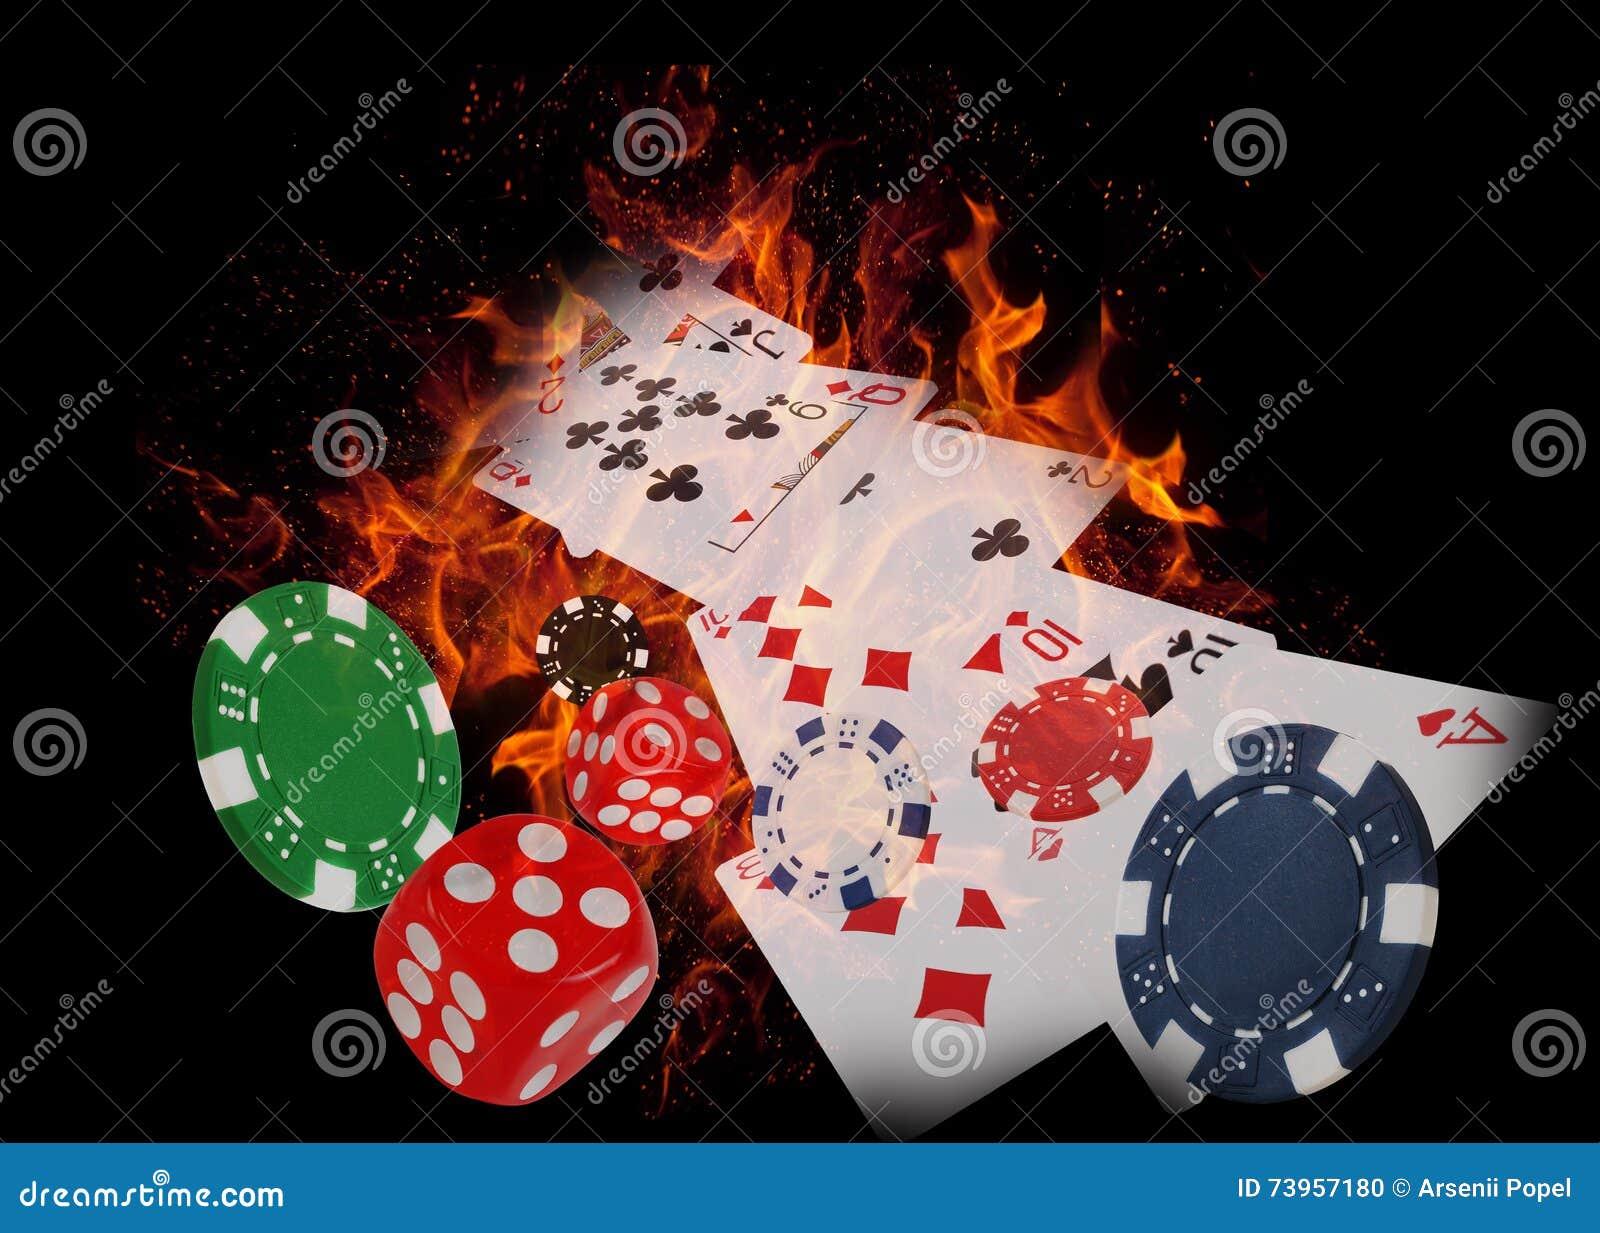 Κάρτες παιχνιδιού και τσιπ χαρτοπαικτικών λεσχών στην πυρκαγιά διπλό πόκερ φορέων έννοιας άσσων